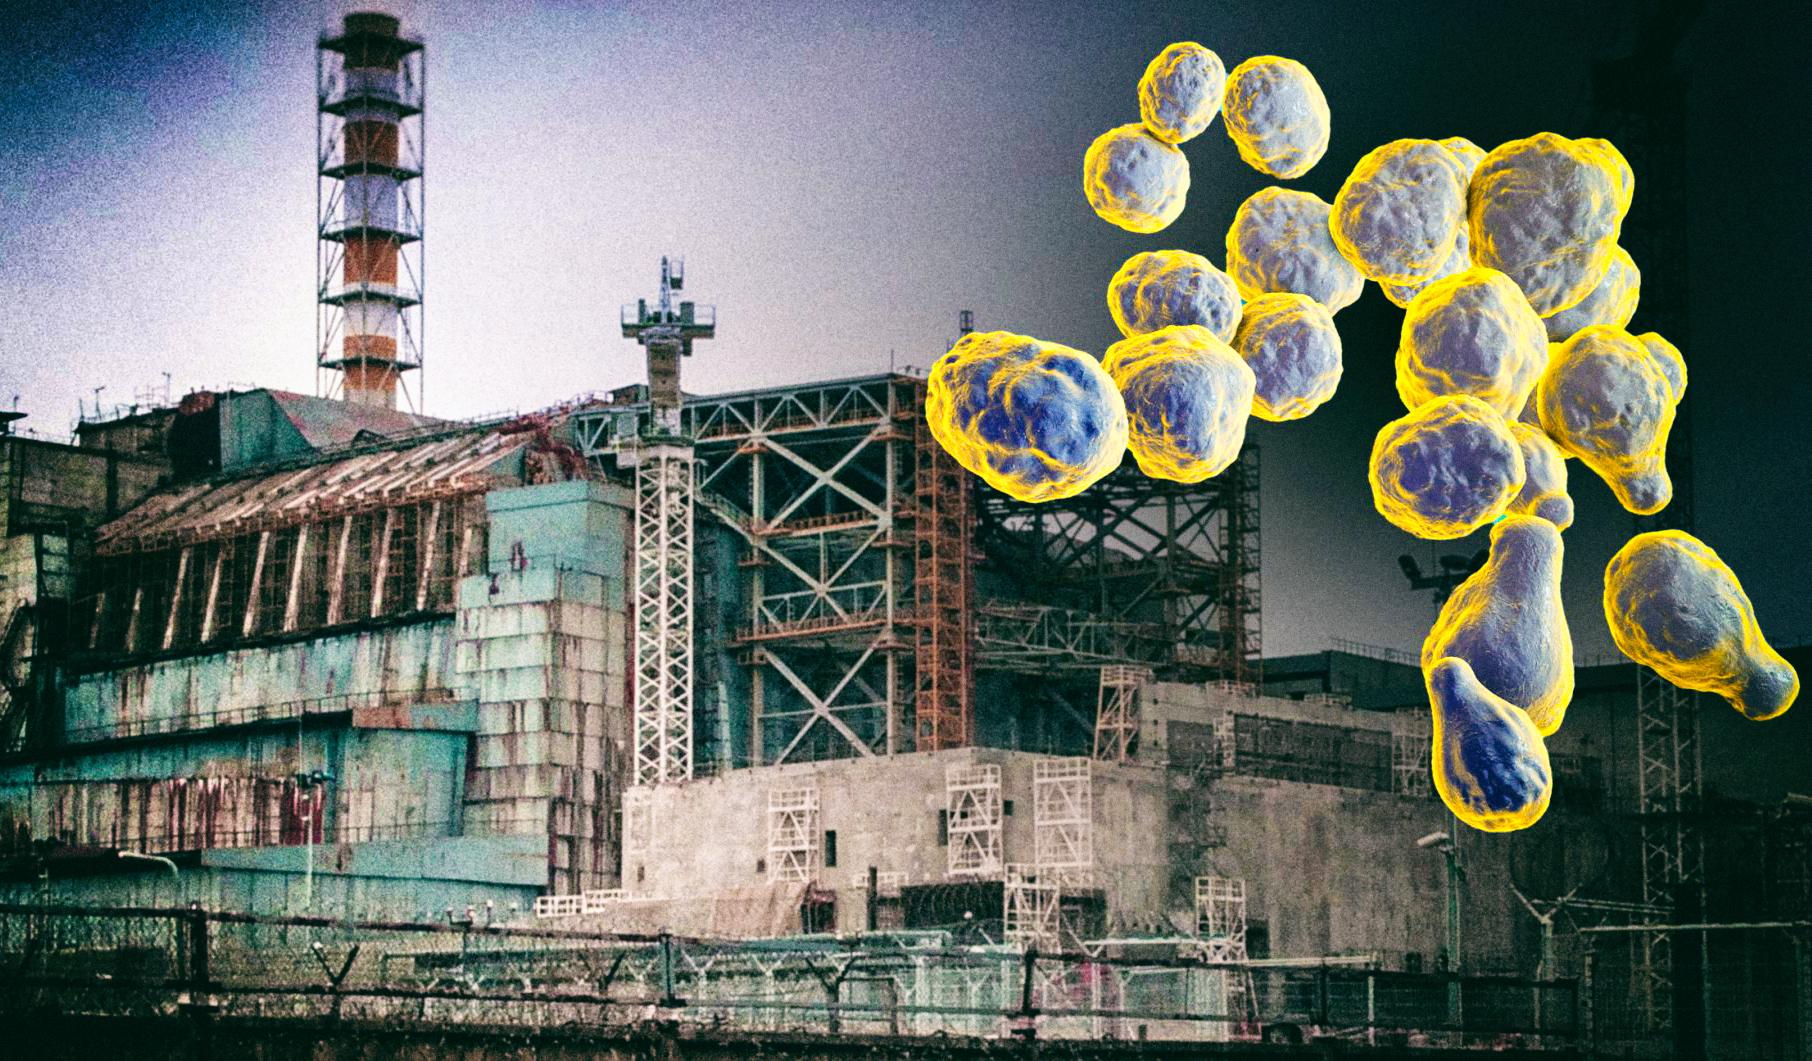 Грибок из Чернобыля поможет защитить людей от радиации в космосе